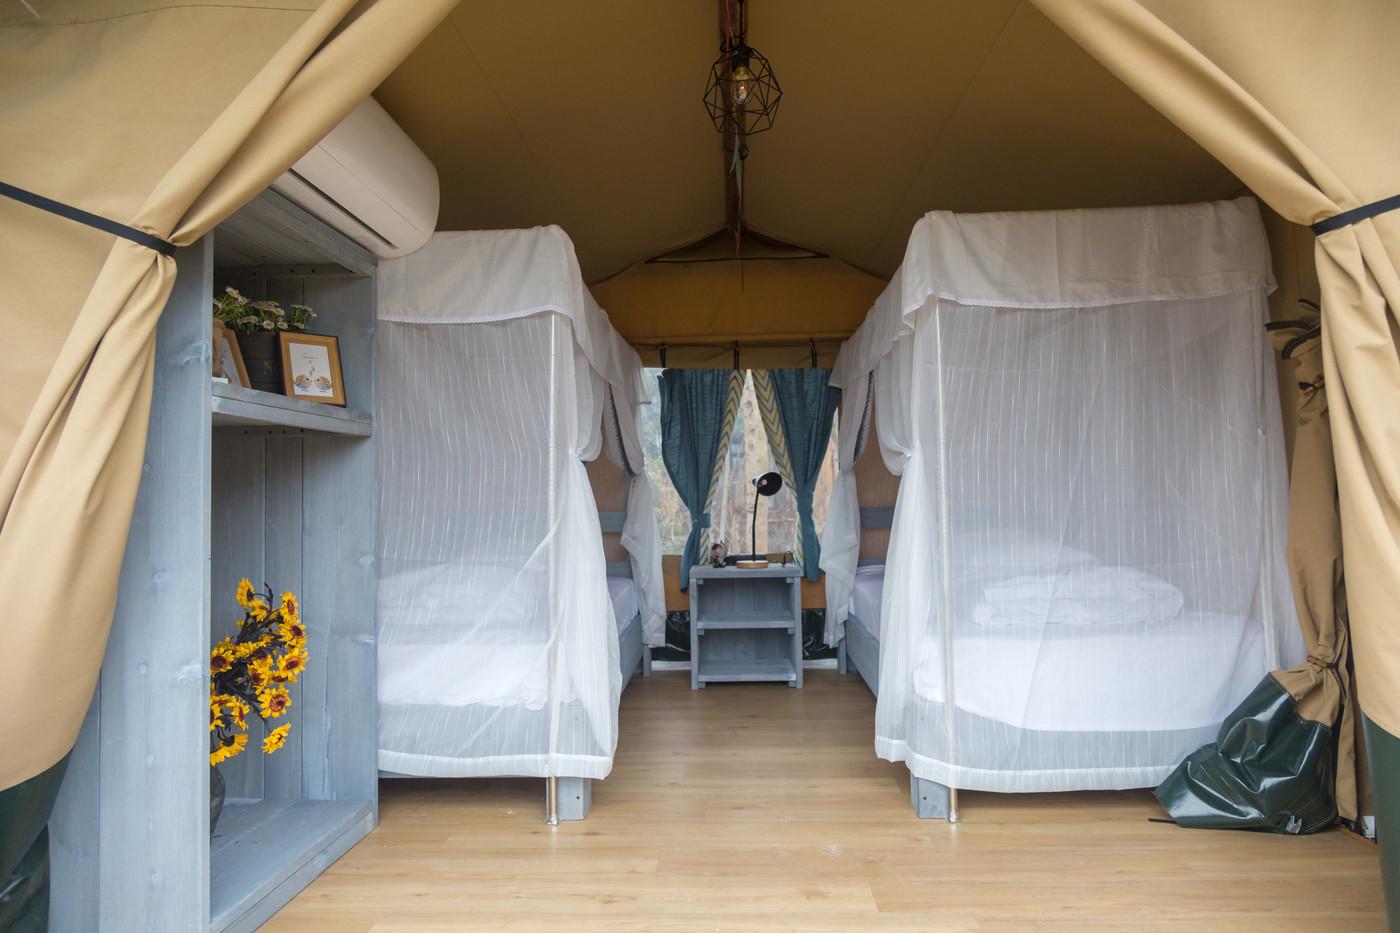 喜马拉雅嘉境林邸子母房奢华帐篷酒店生产厂家,为全球30多个国家提供营地帐篷酒店规划设计制造服务!以下为奢华帐篷酒店图片和视频介绍!32